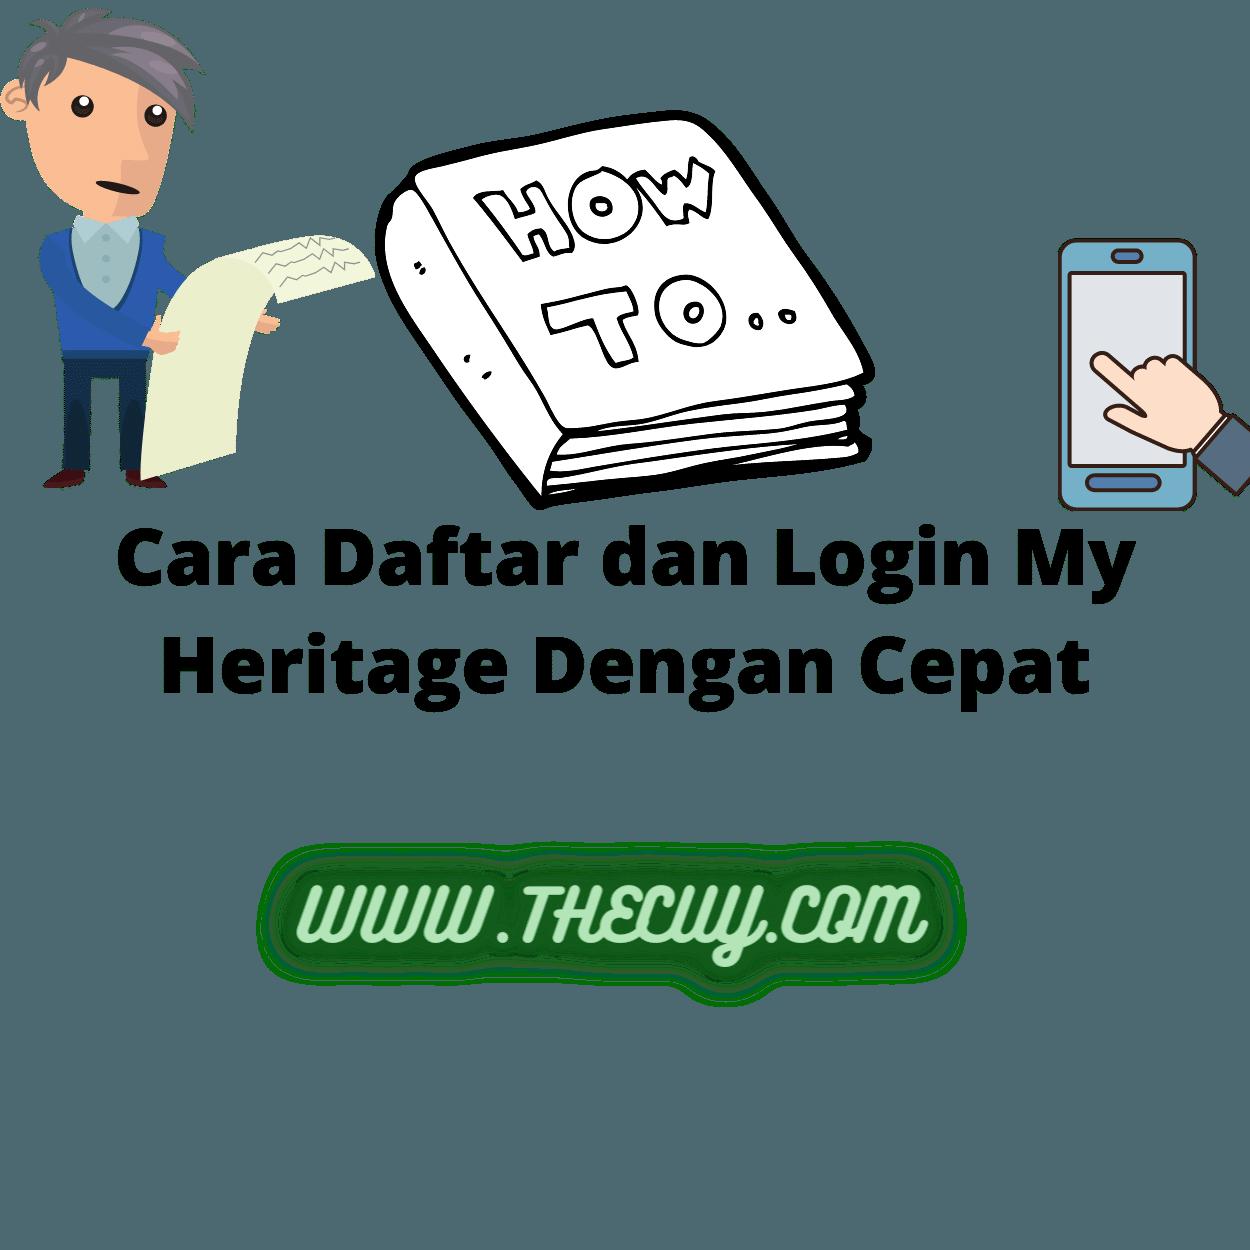 Cara Daftar dan Login My Heritage Dengan Cepat